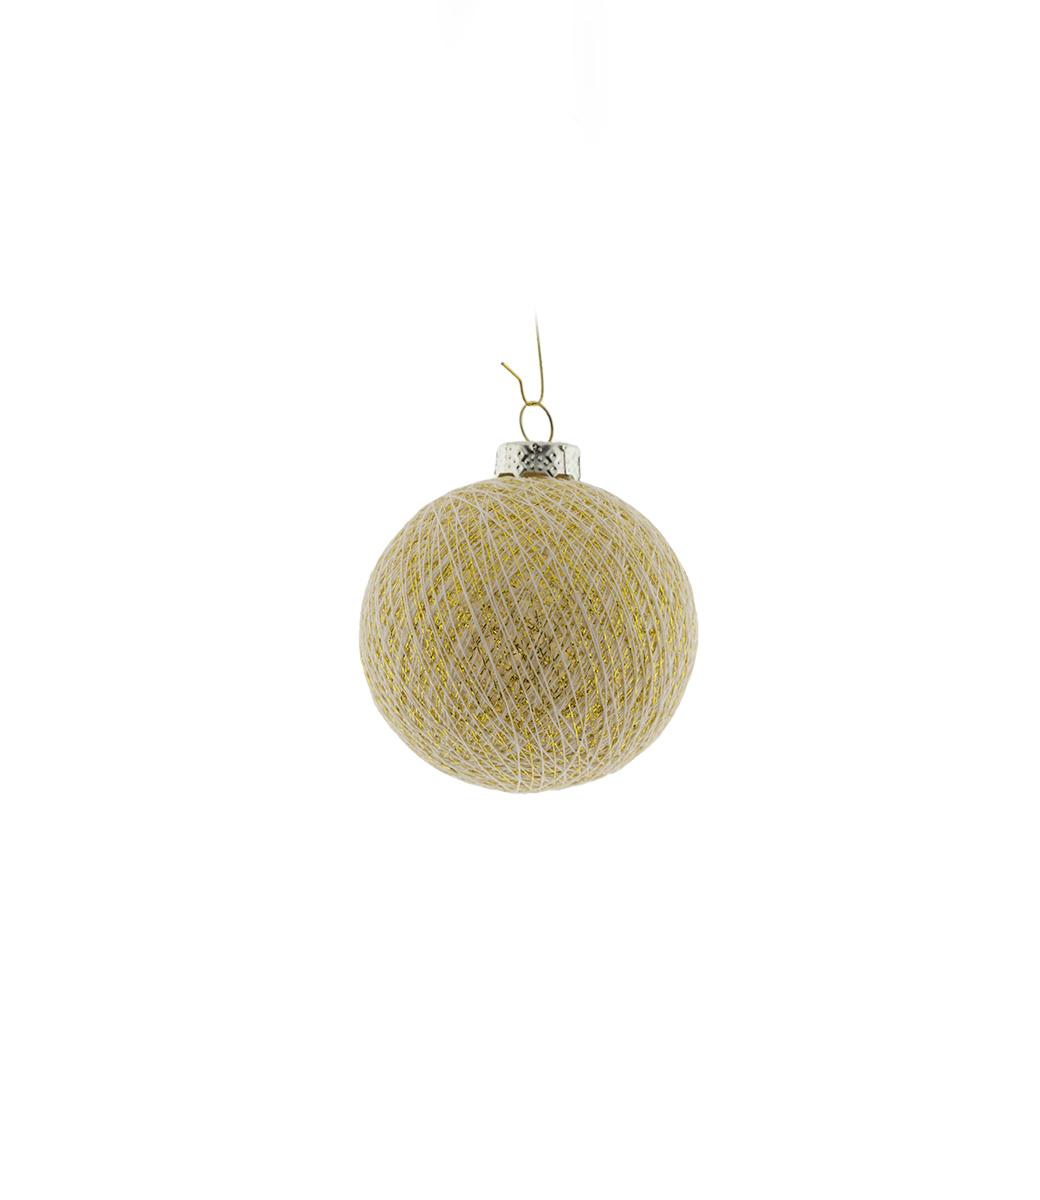 Cotton Ball Lights kerstbal goud - Gold Shell